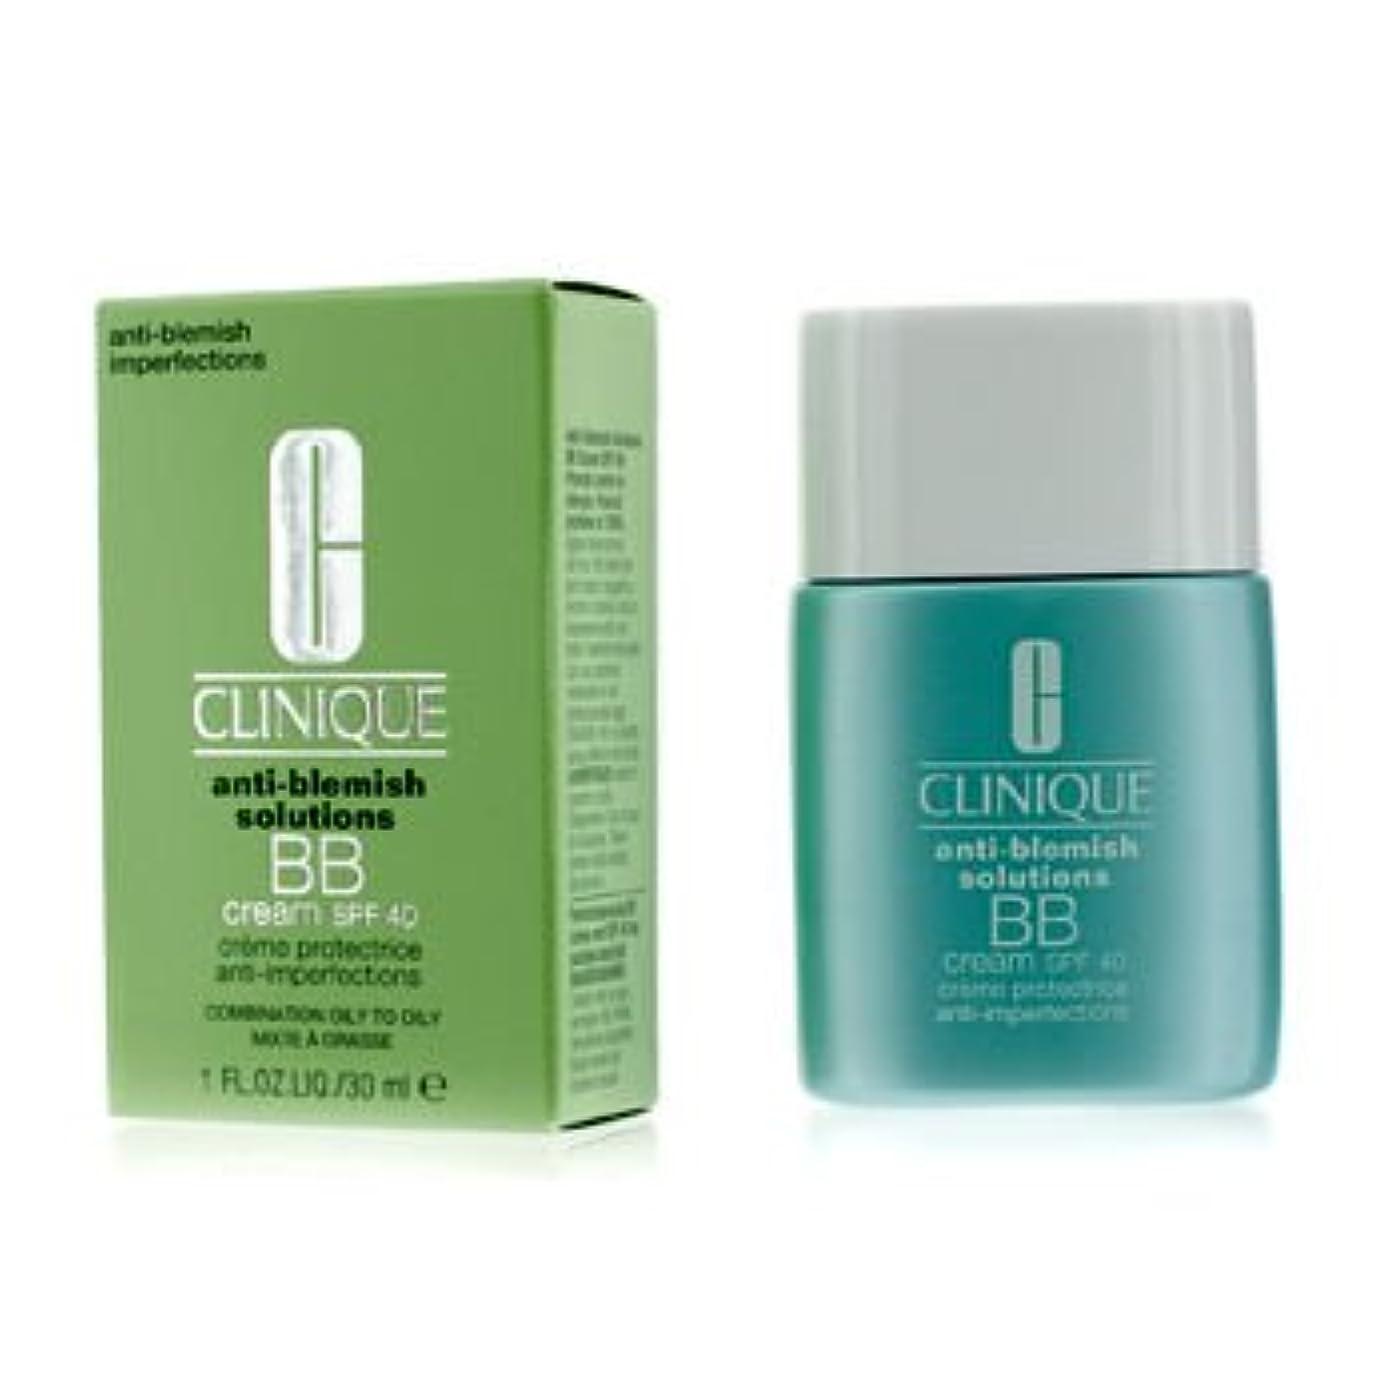 換気レンチブランク[Clinique] Anti-Blemish Solutions BB Cream SPF 40 - Light Medium (Combination Oily to Oily) 30ml/1oz